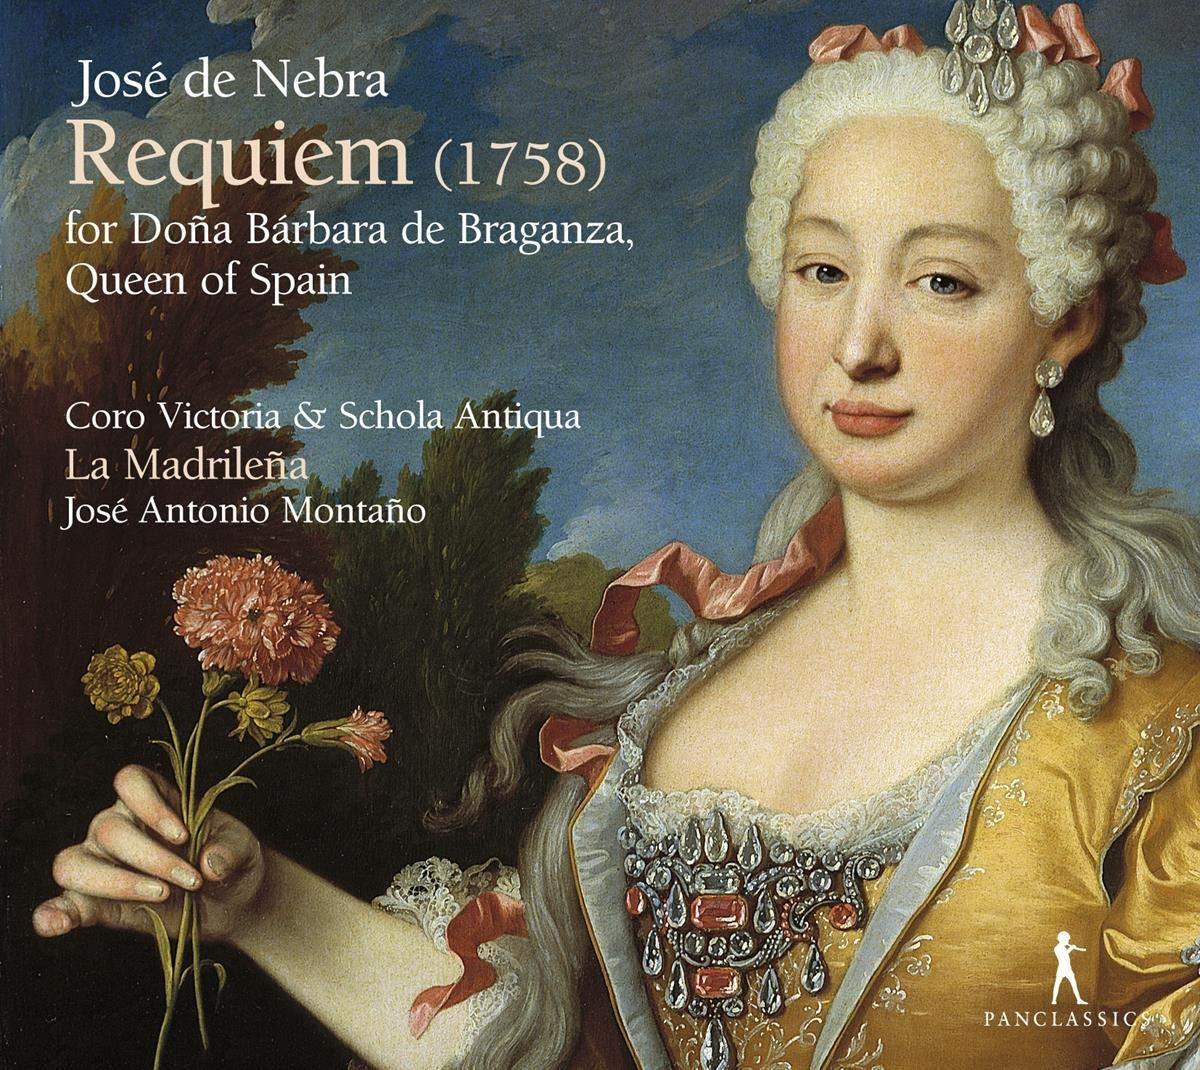 Réquiem de José de Nebra